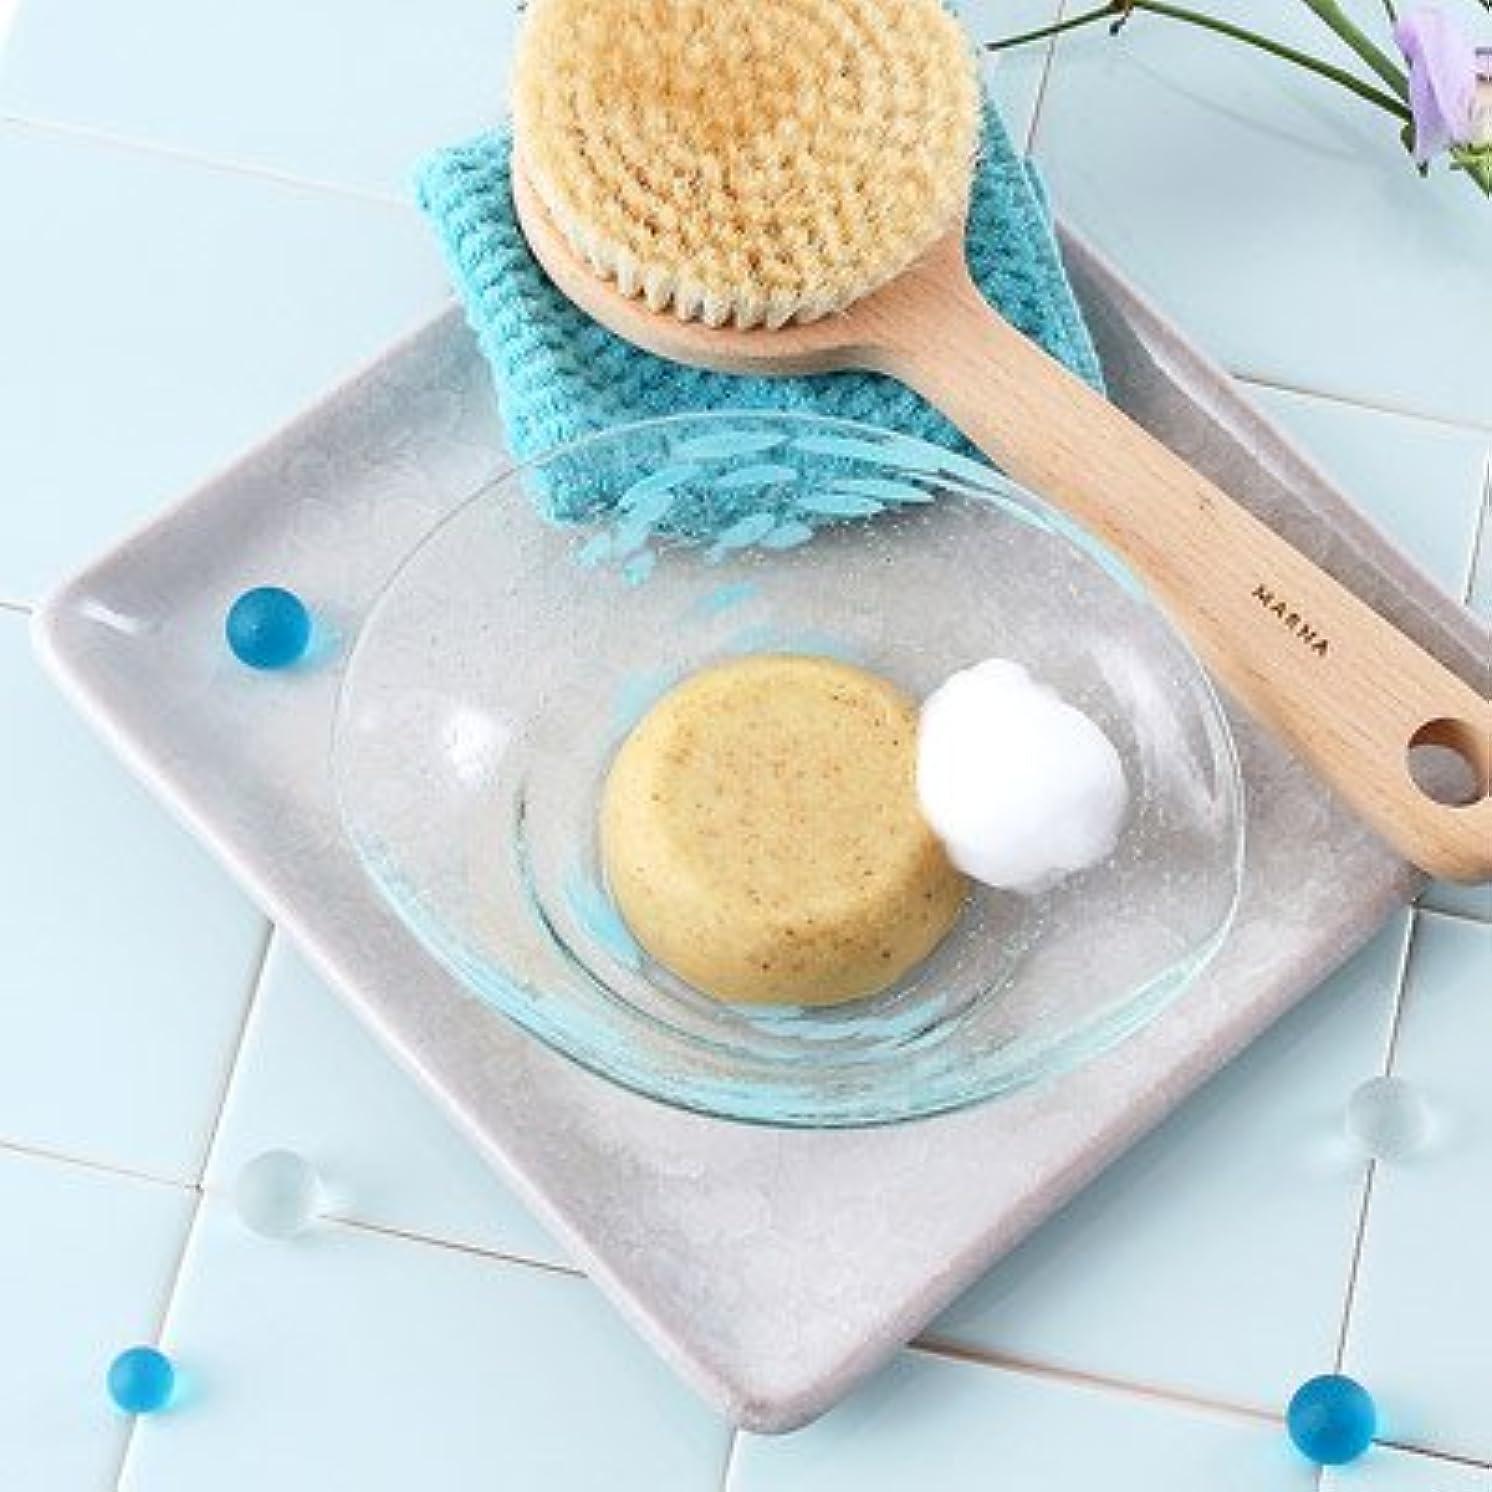 ルート私たちの毒性フルーツ30品や蜂蜜で作られた石鹸 38プレミアム